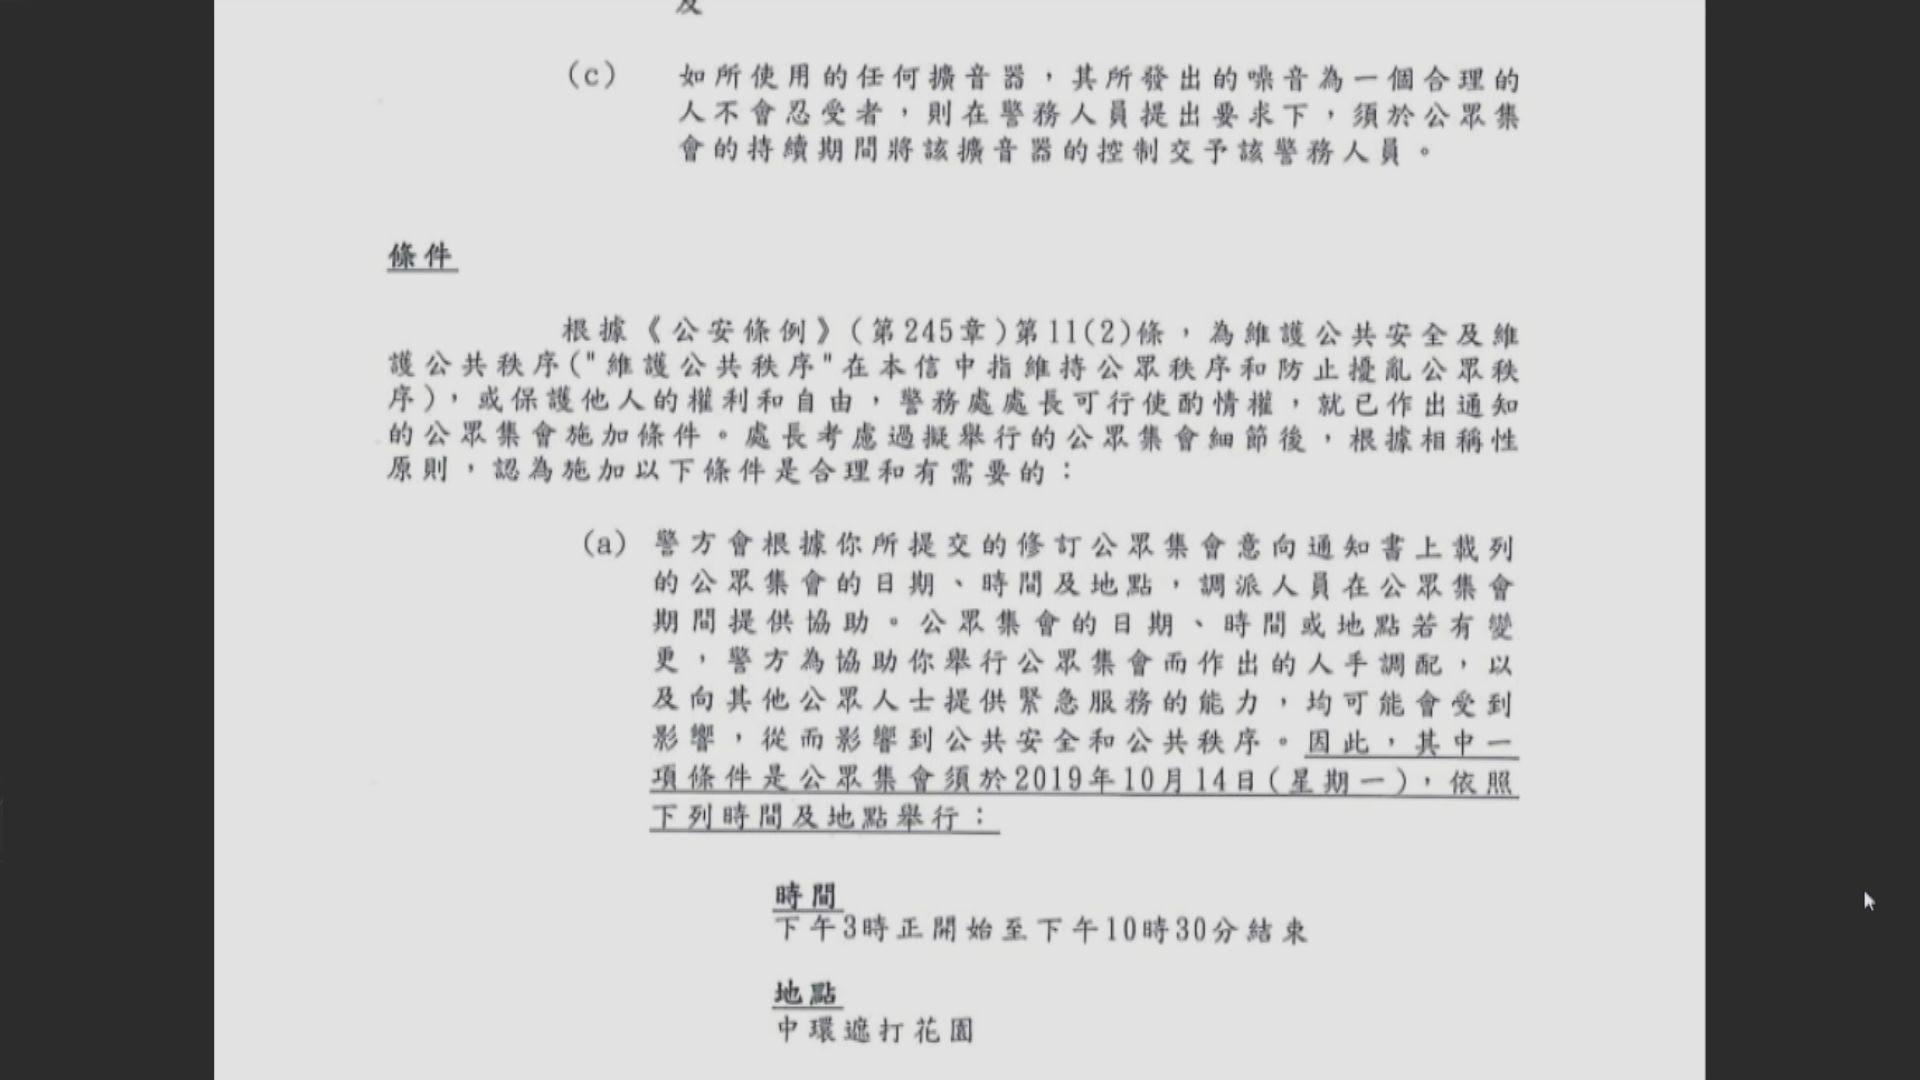 周一晚人權法集會獲批不反對通知書